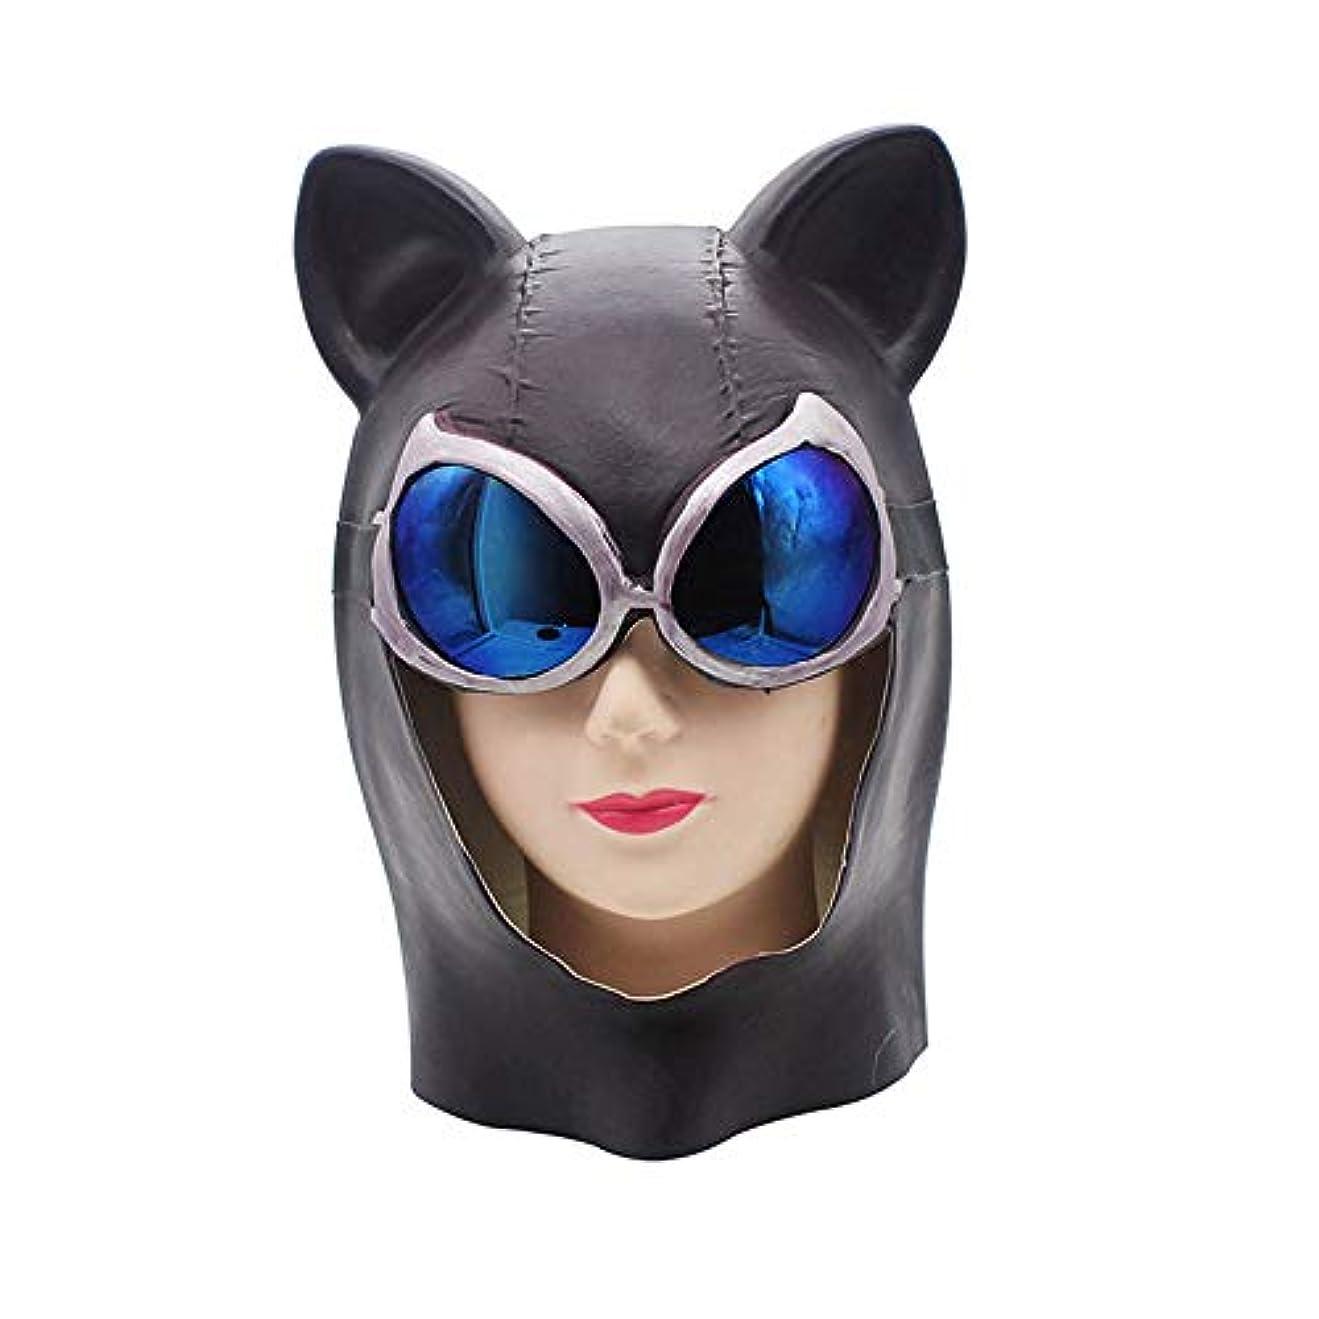 投げる長くする謙虚ハロウィンホラーマスクヘッドギアプロムラテックスヘッドウェアバーパーティー小道具バットマンキャットウーマン映画